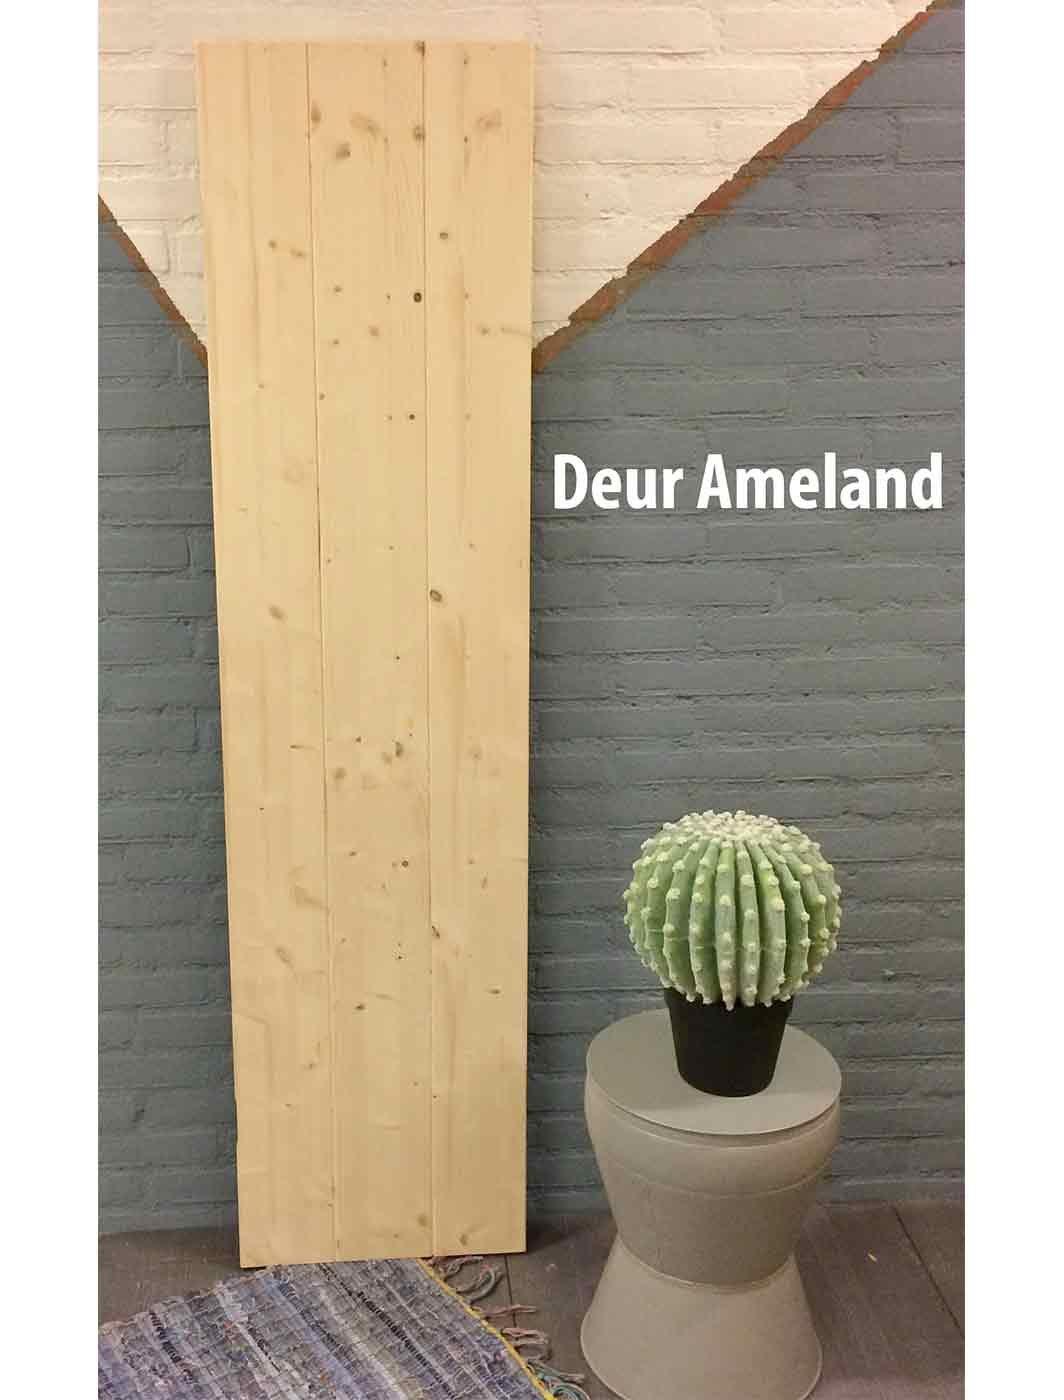 Deur-Ameland